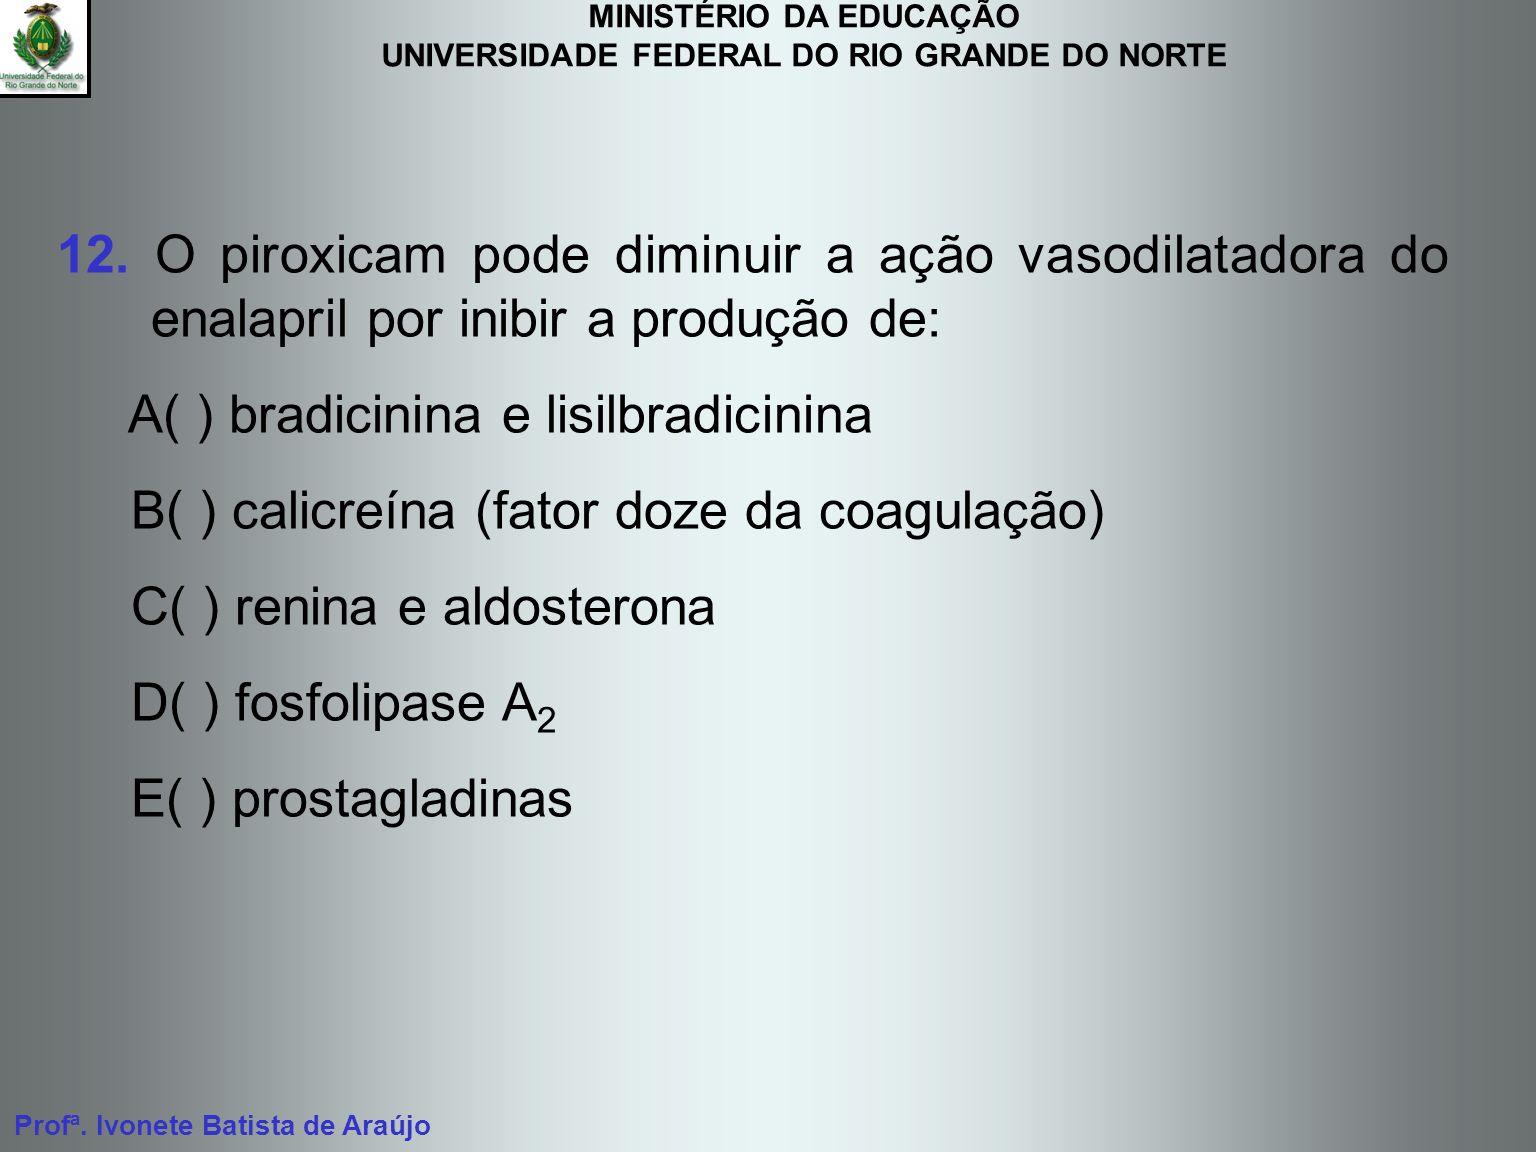 12. O piroxicam pode diminuir a ação vasodilatadora do enalapril por inibir a produção de: